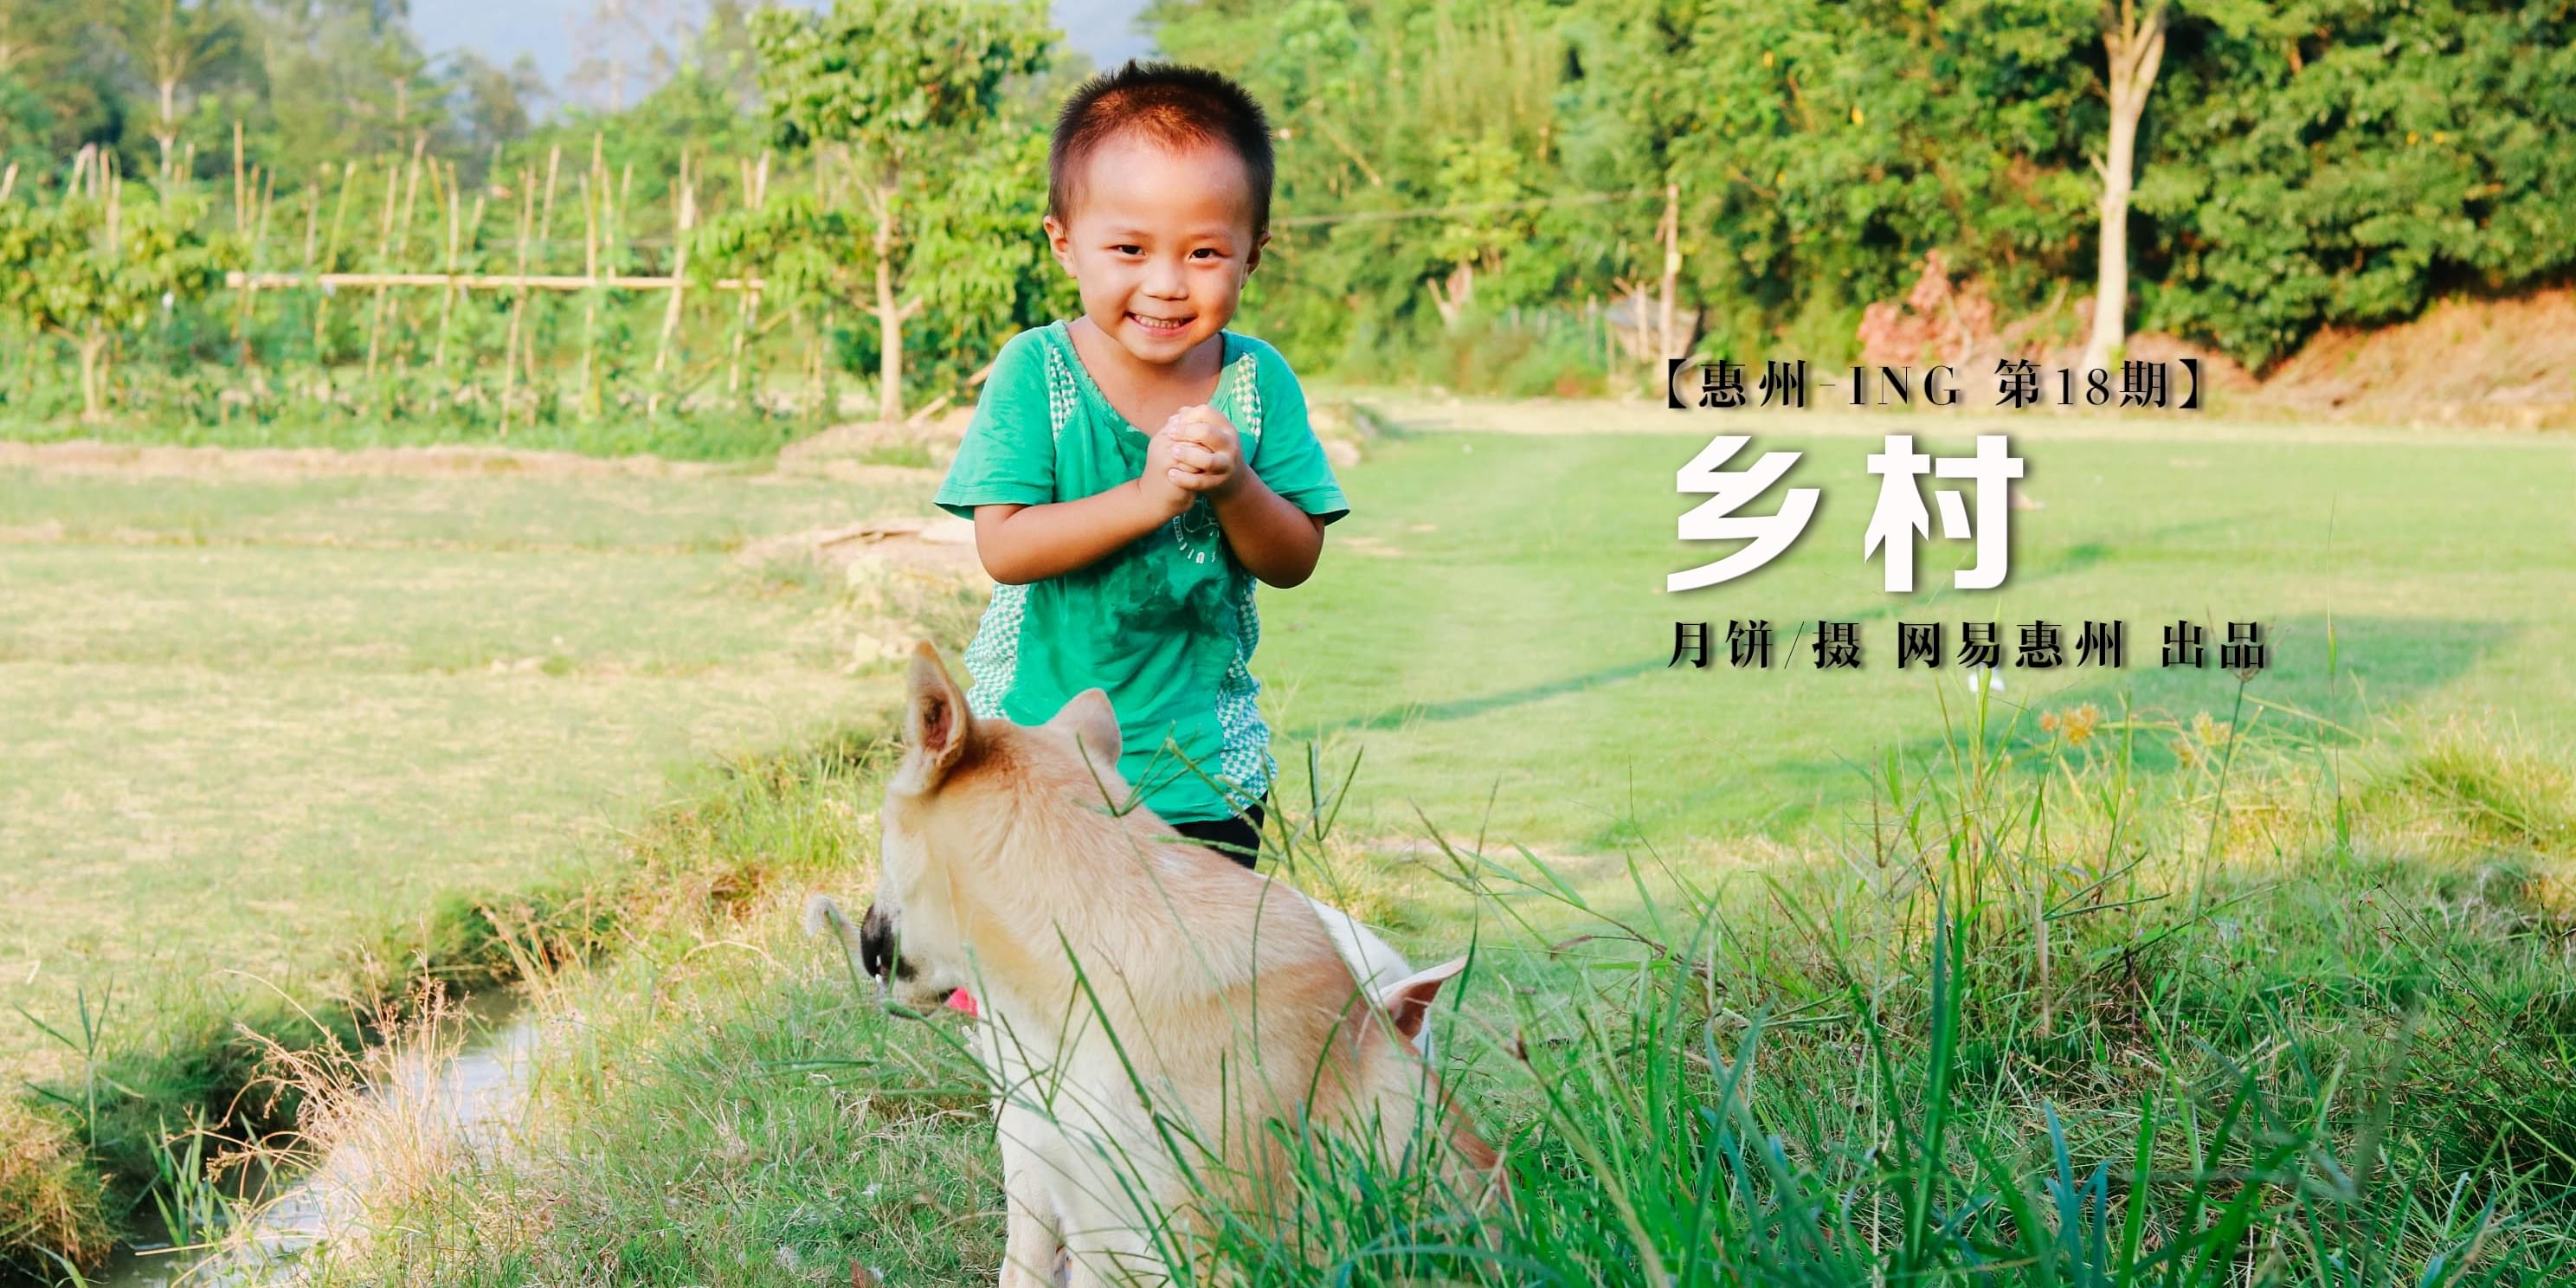 惠州隐藏的乡村生活!还原你小时候的欢乐!